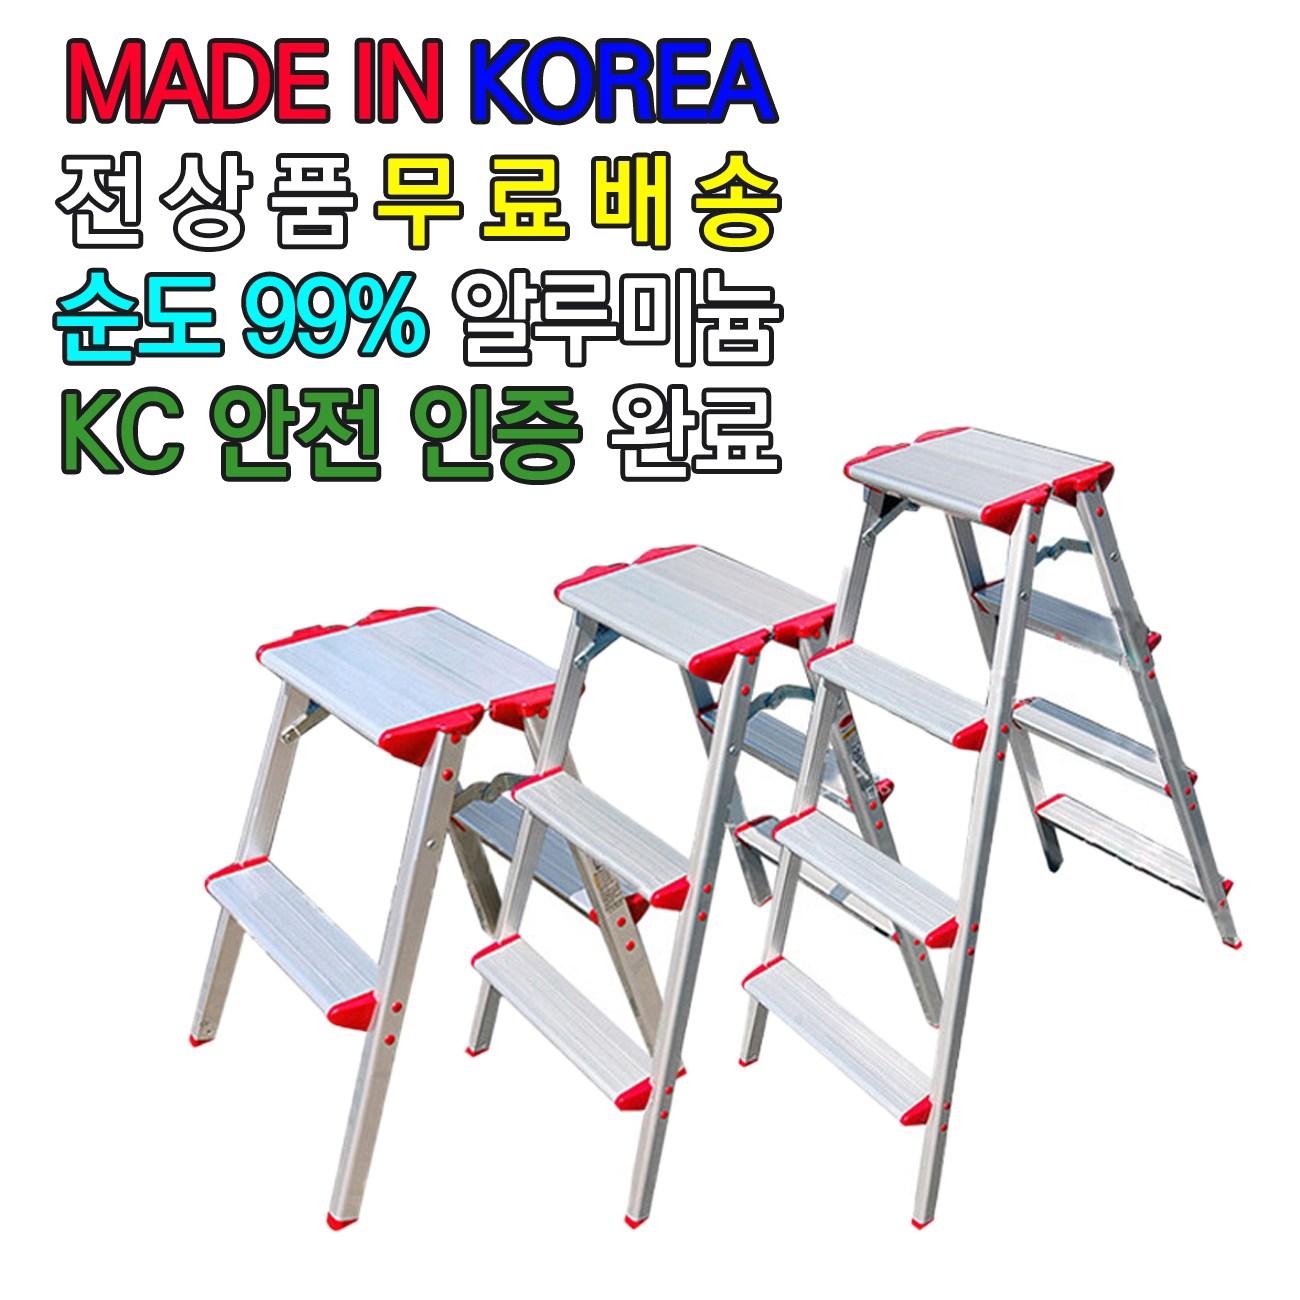 가정용 접이식 사다리 2단 3단 4단 5단 다목적 휴대용 알루미늄, 가정용 광폭 발판 사다리 (POP 5578994597)